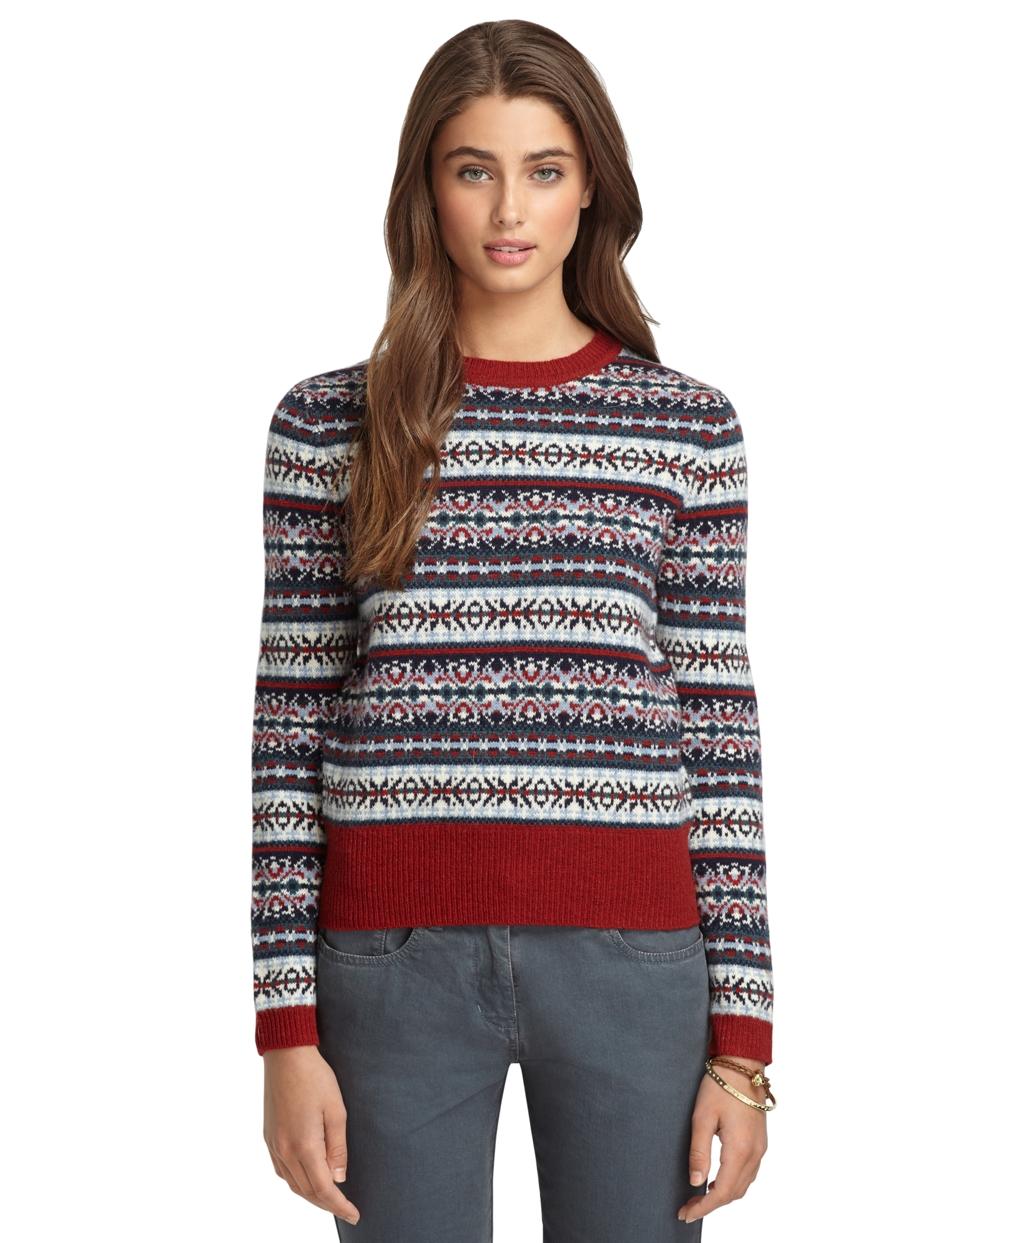 Brooks brothers Long Sleeve Fair Isle Crewneck Sweater | Lyst